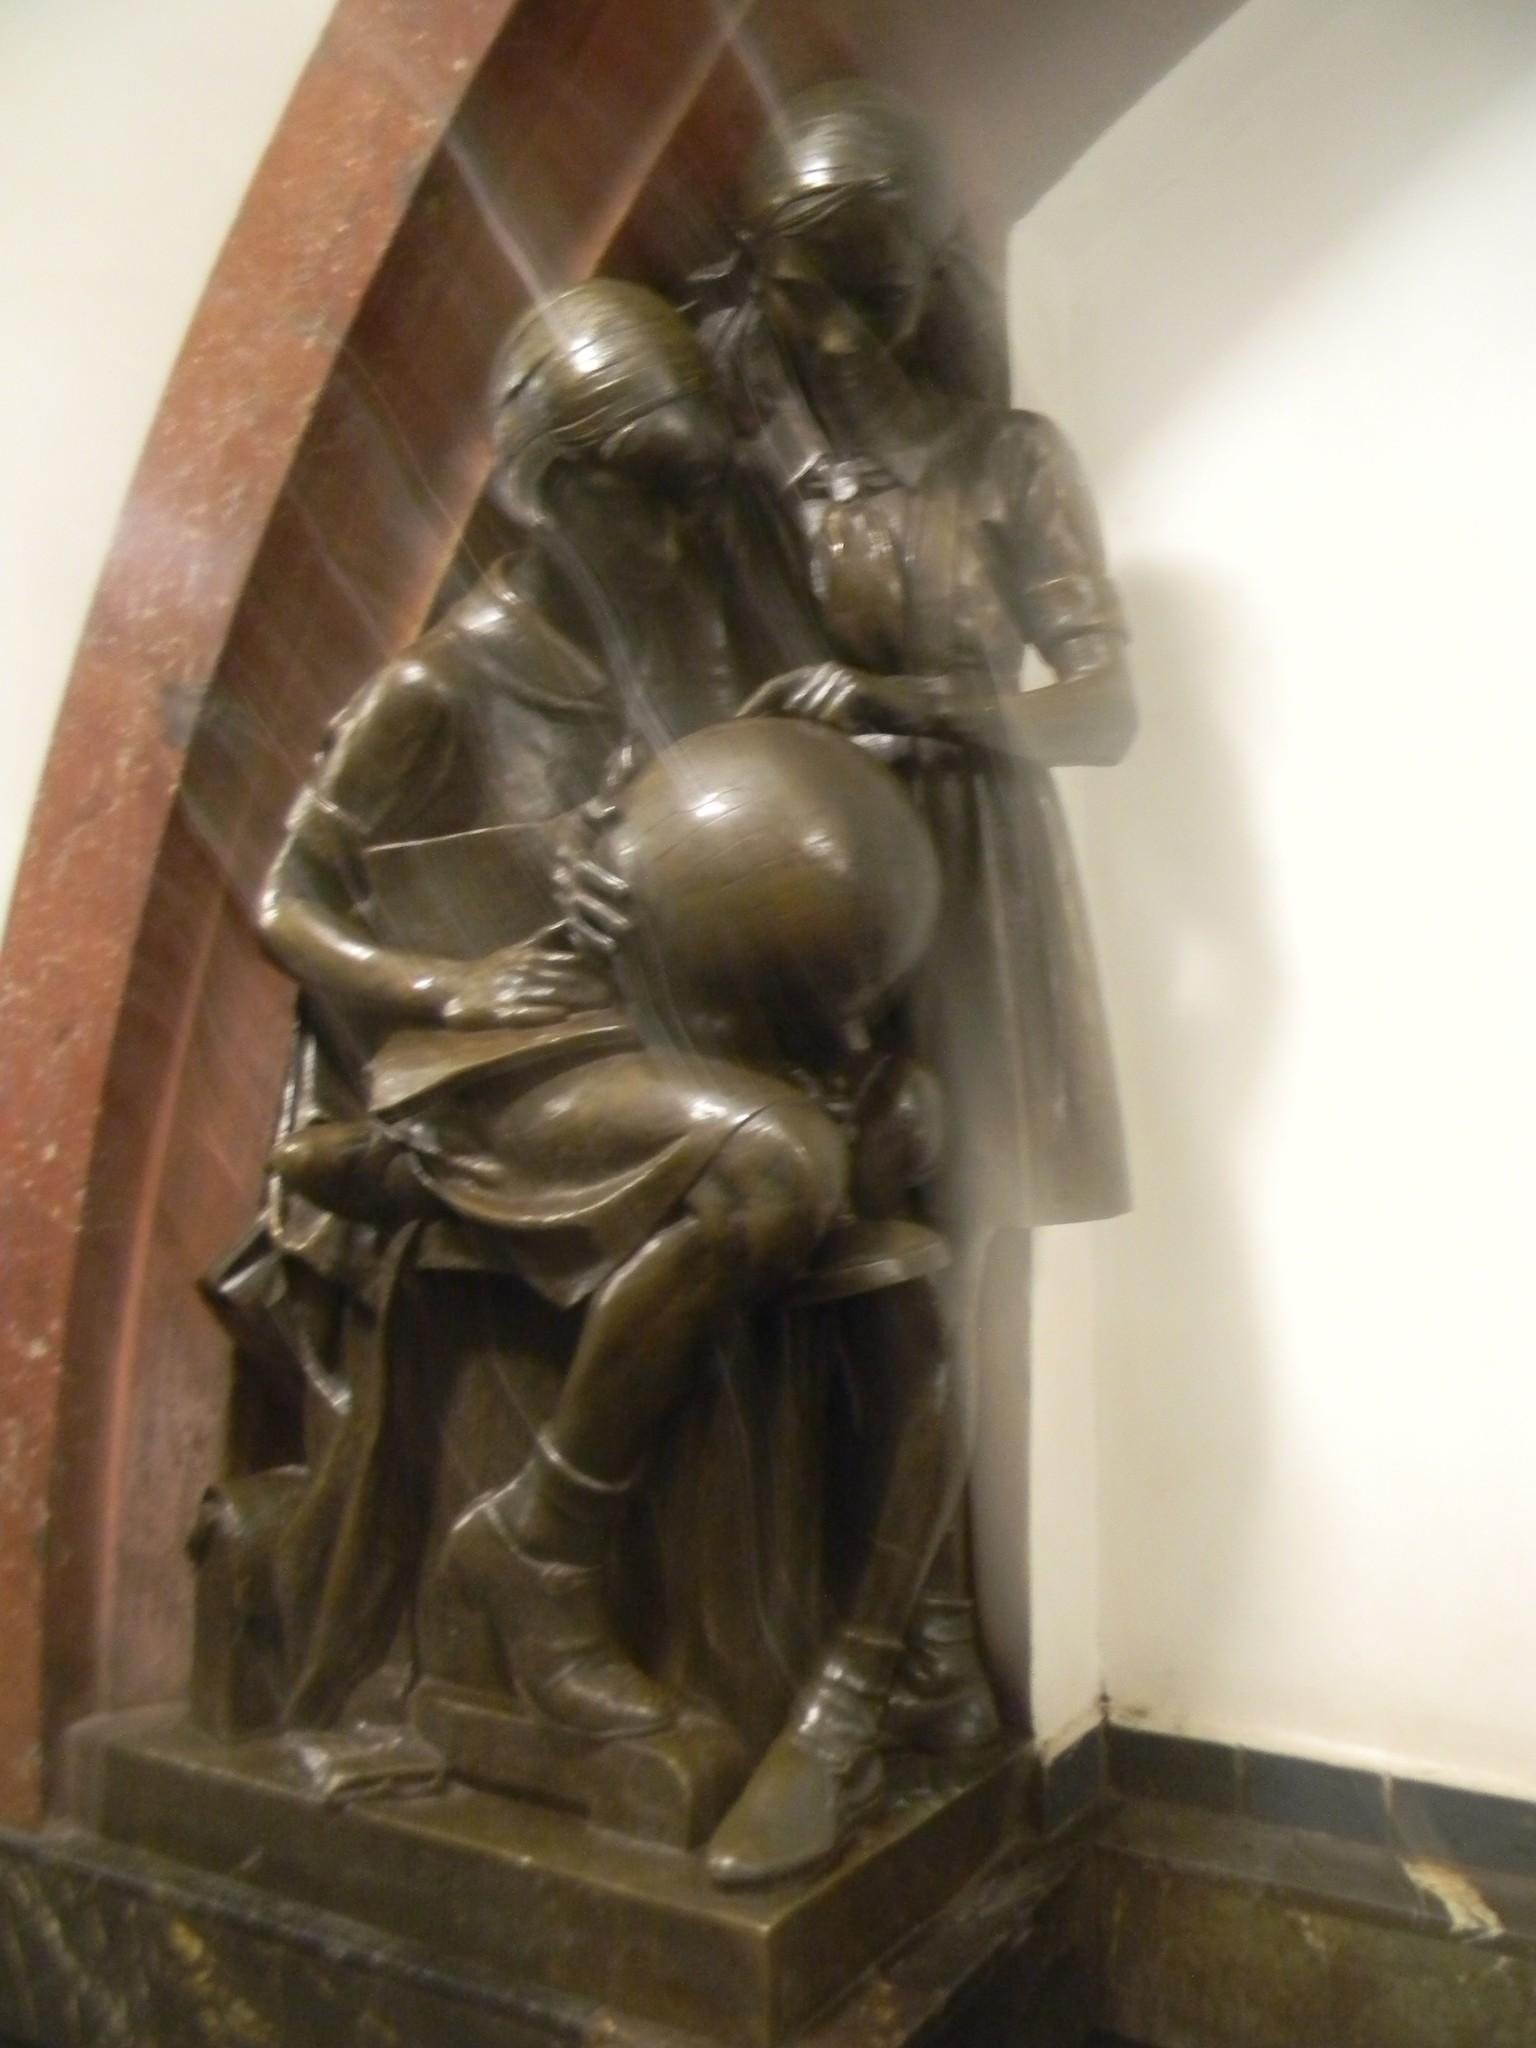 Скульптура «Пионерки-географы» на станции «Площадь Революции» Московского метрополитена